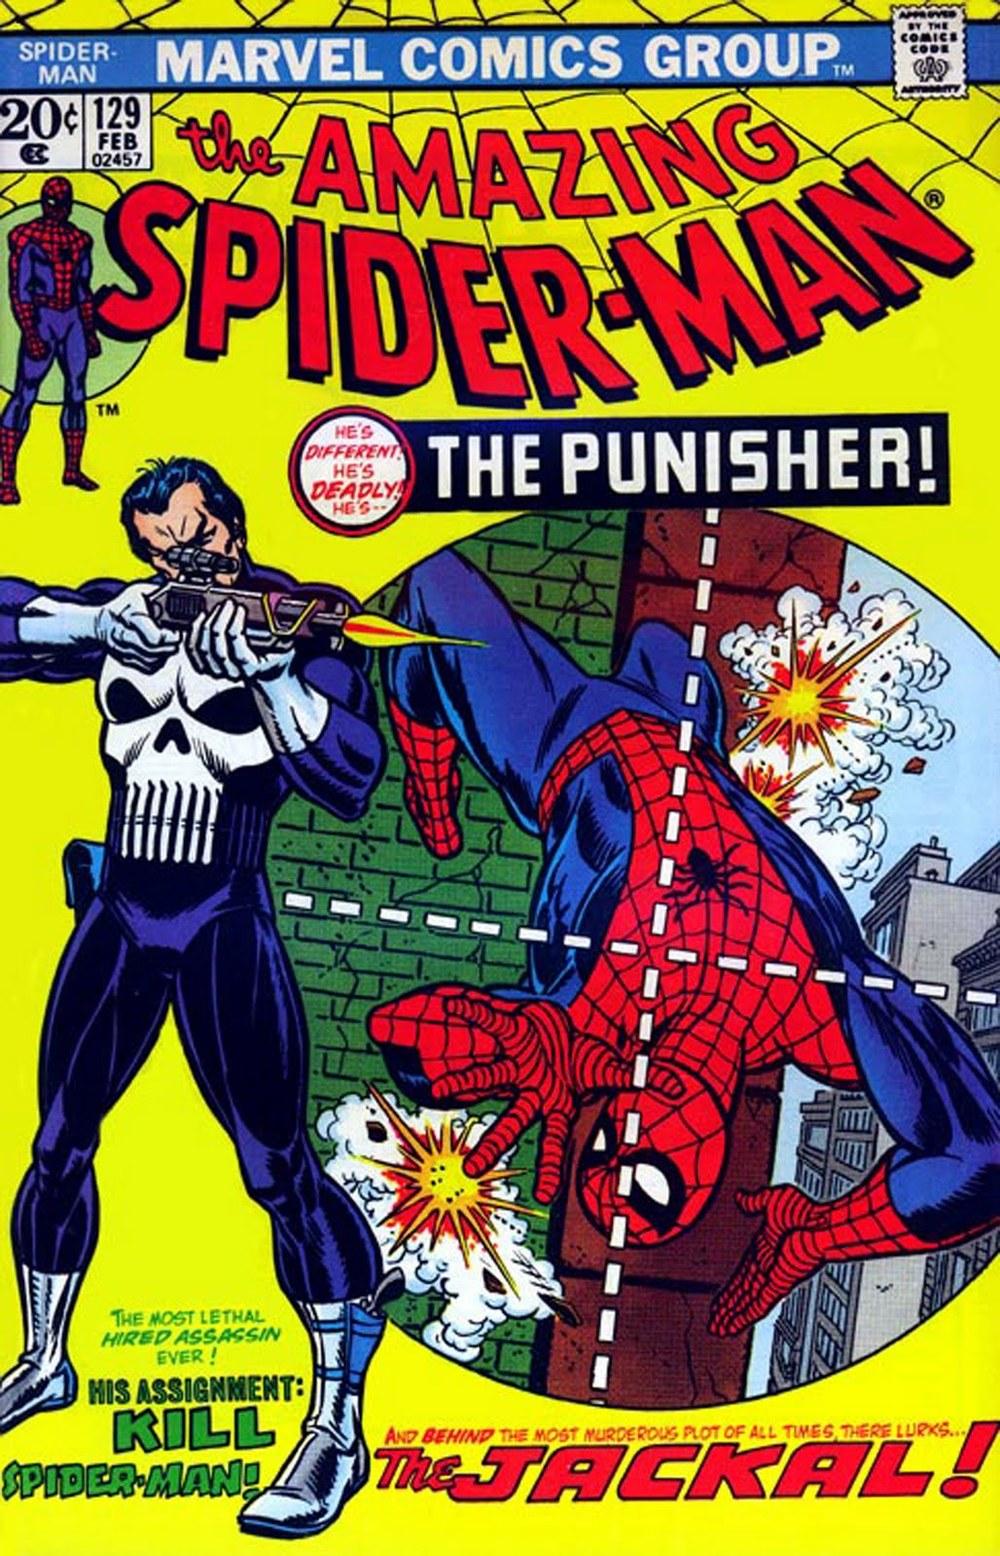 Amazing_Spider-Man_Vol_1_129_002.jpg